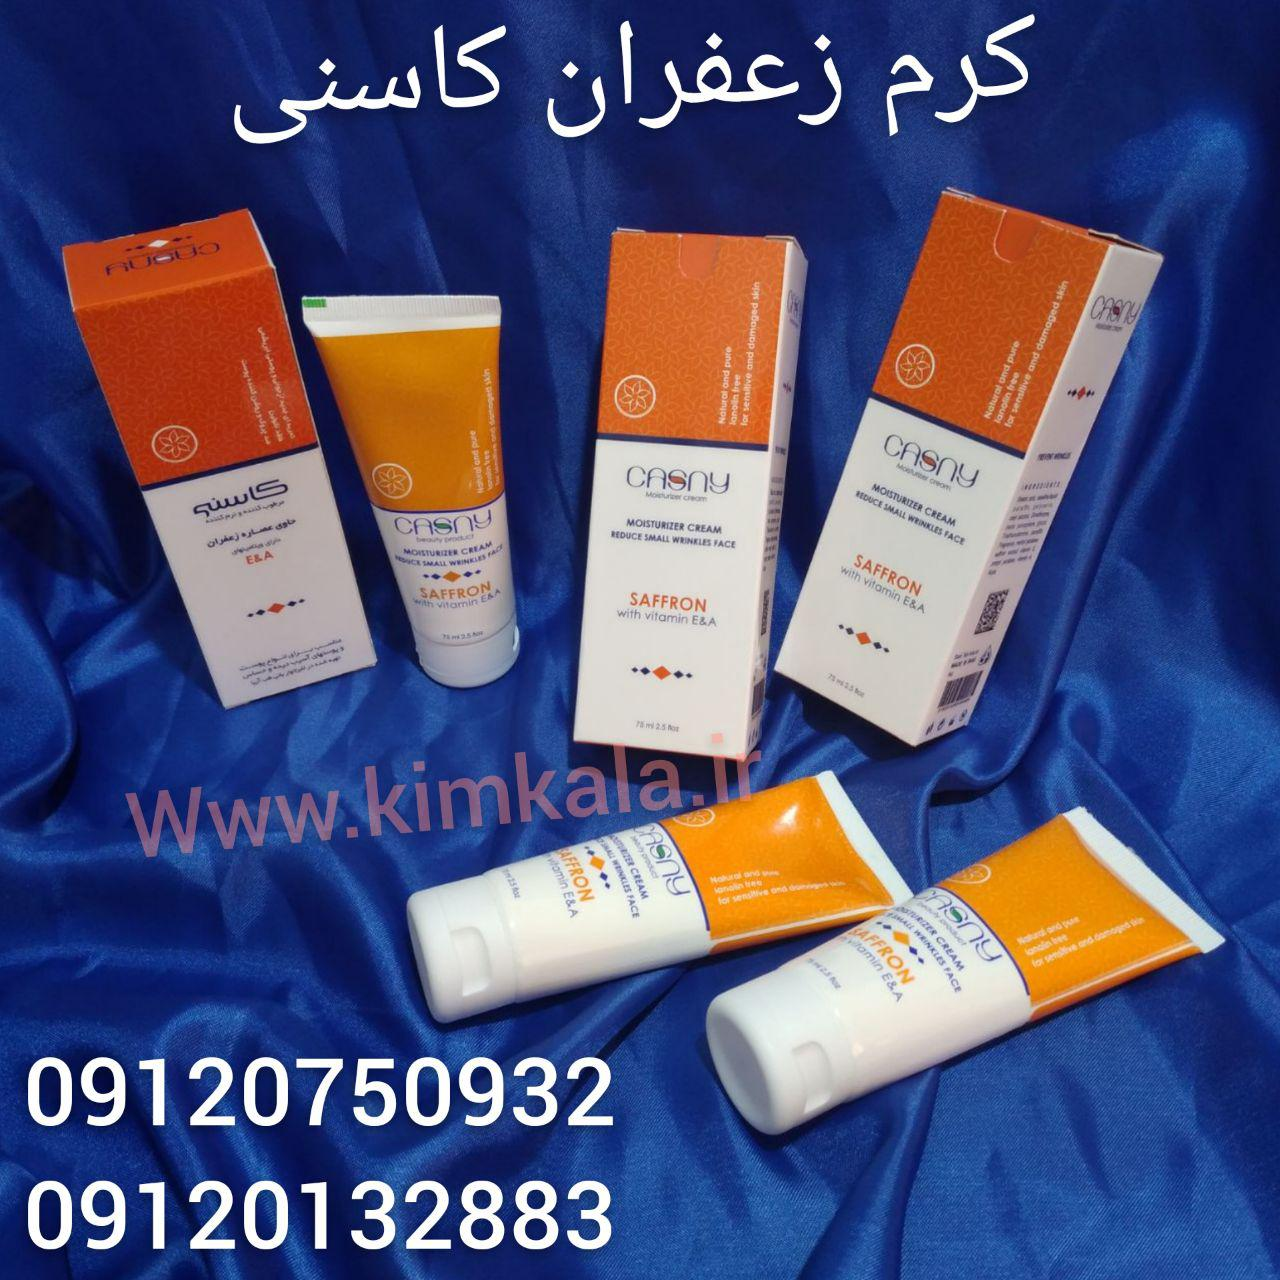 کرم زعفران کاسنی/09120750932/کرم ویتامینه حاوی عصاره زعفران